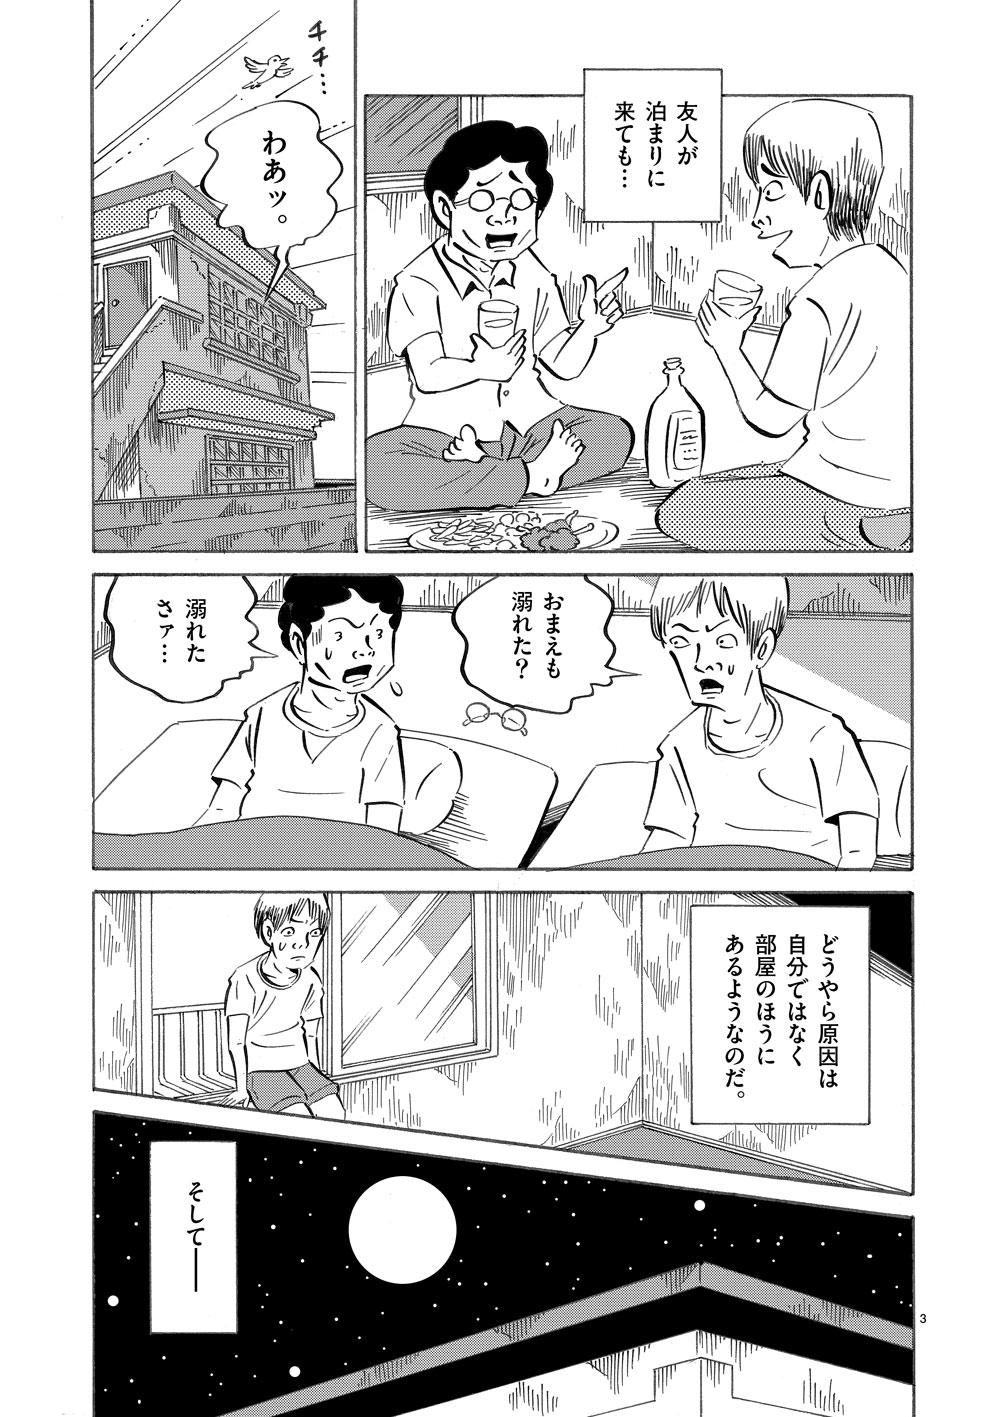 琉球怪談 【第10話】WEB掲載3ページ目画像